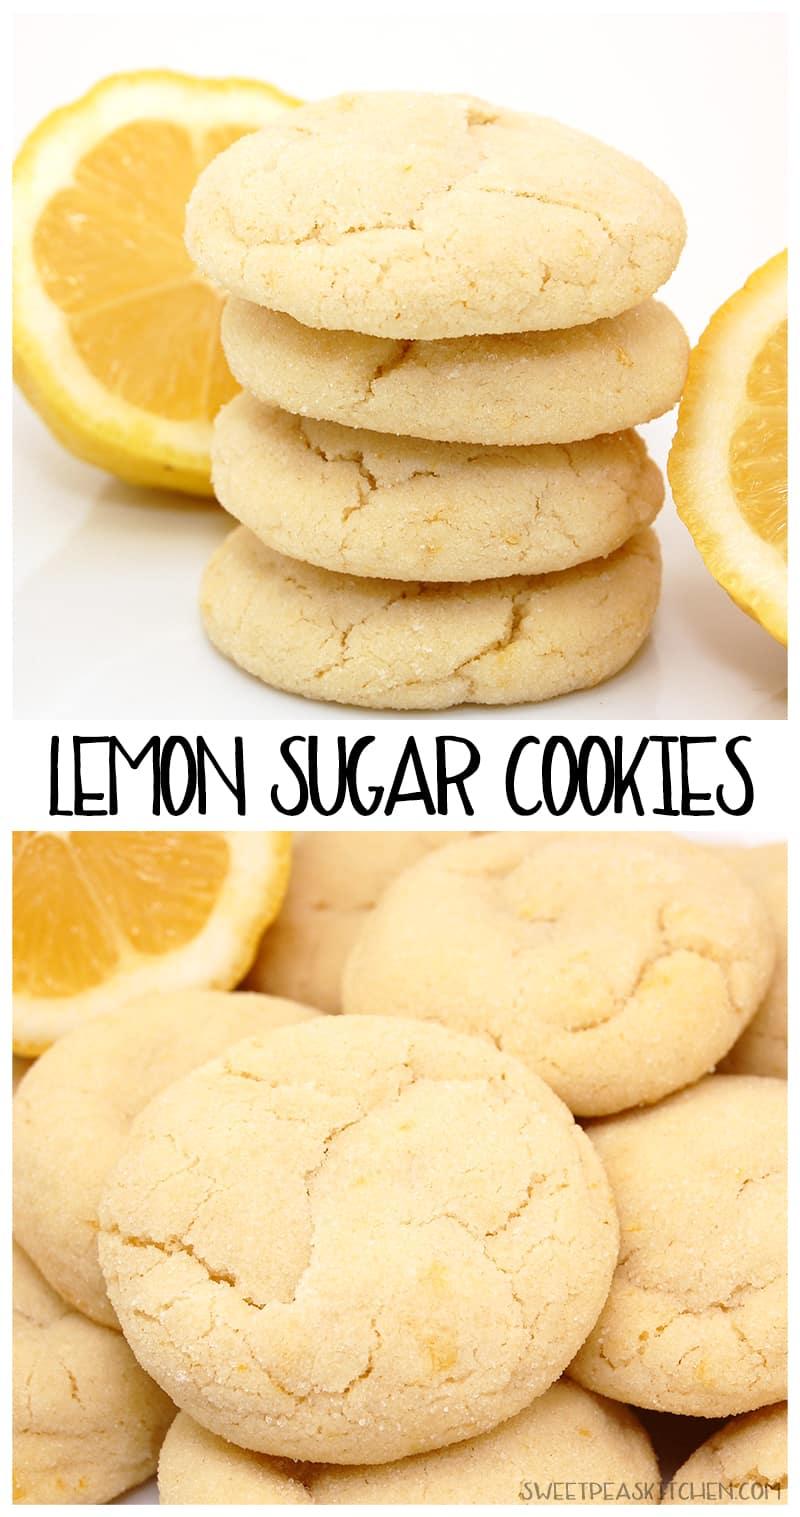 Lemon sugar cookies - PIN Image